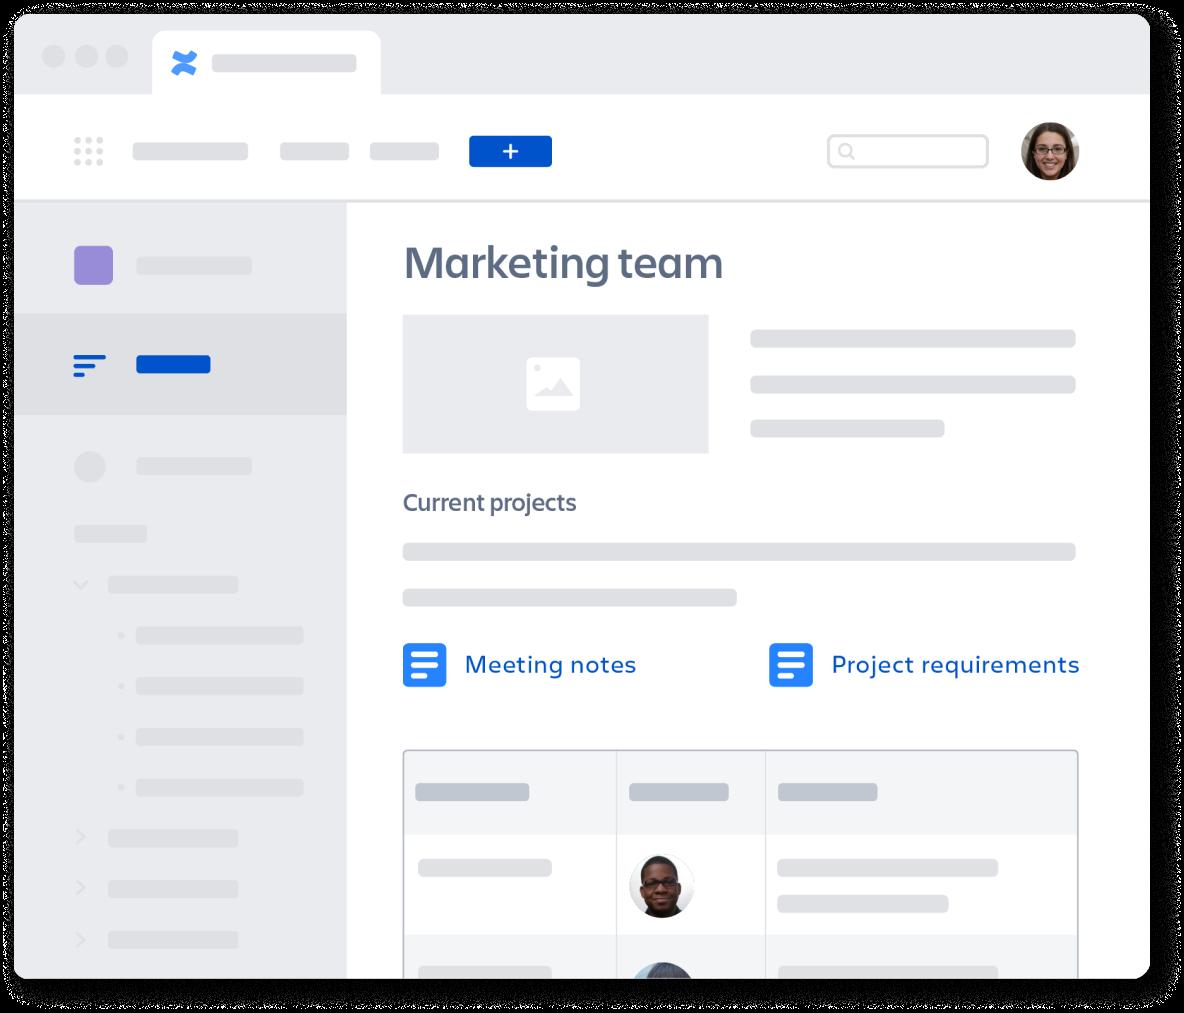 Página da equipe de marketing